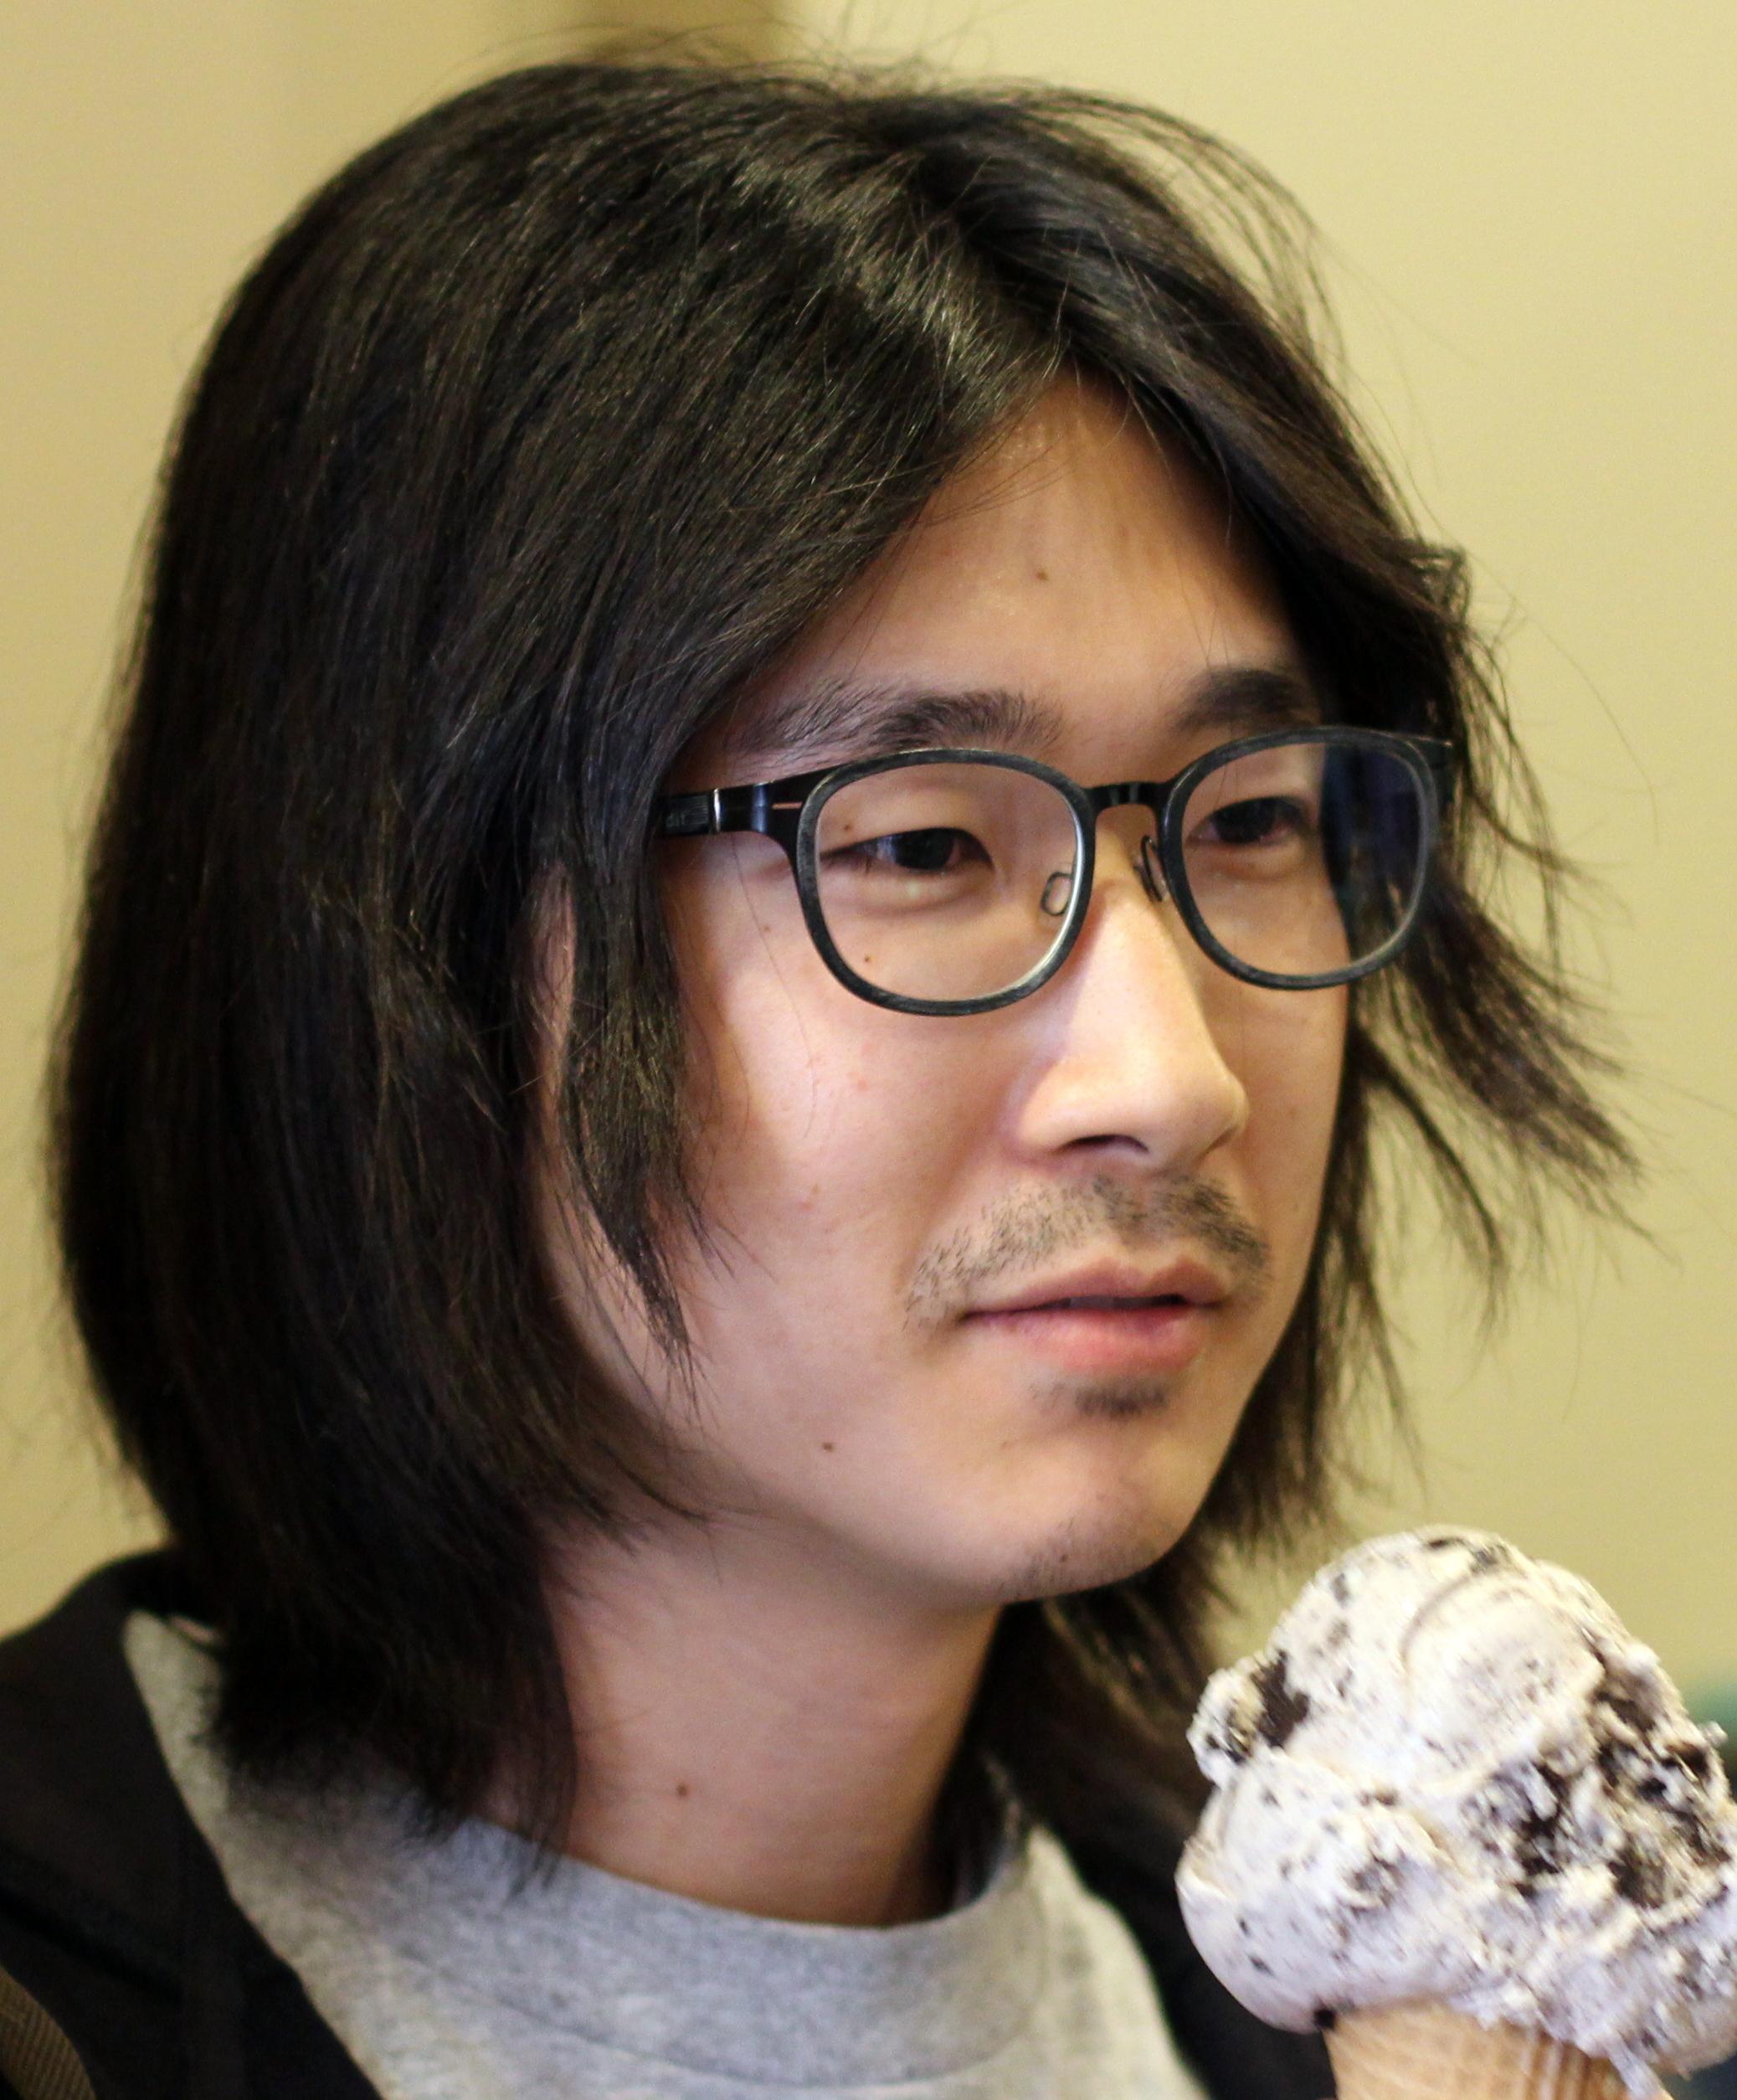 Seonghoon Kim